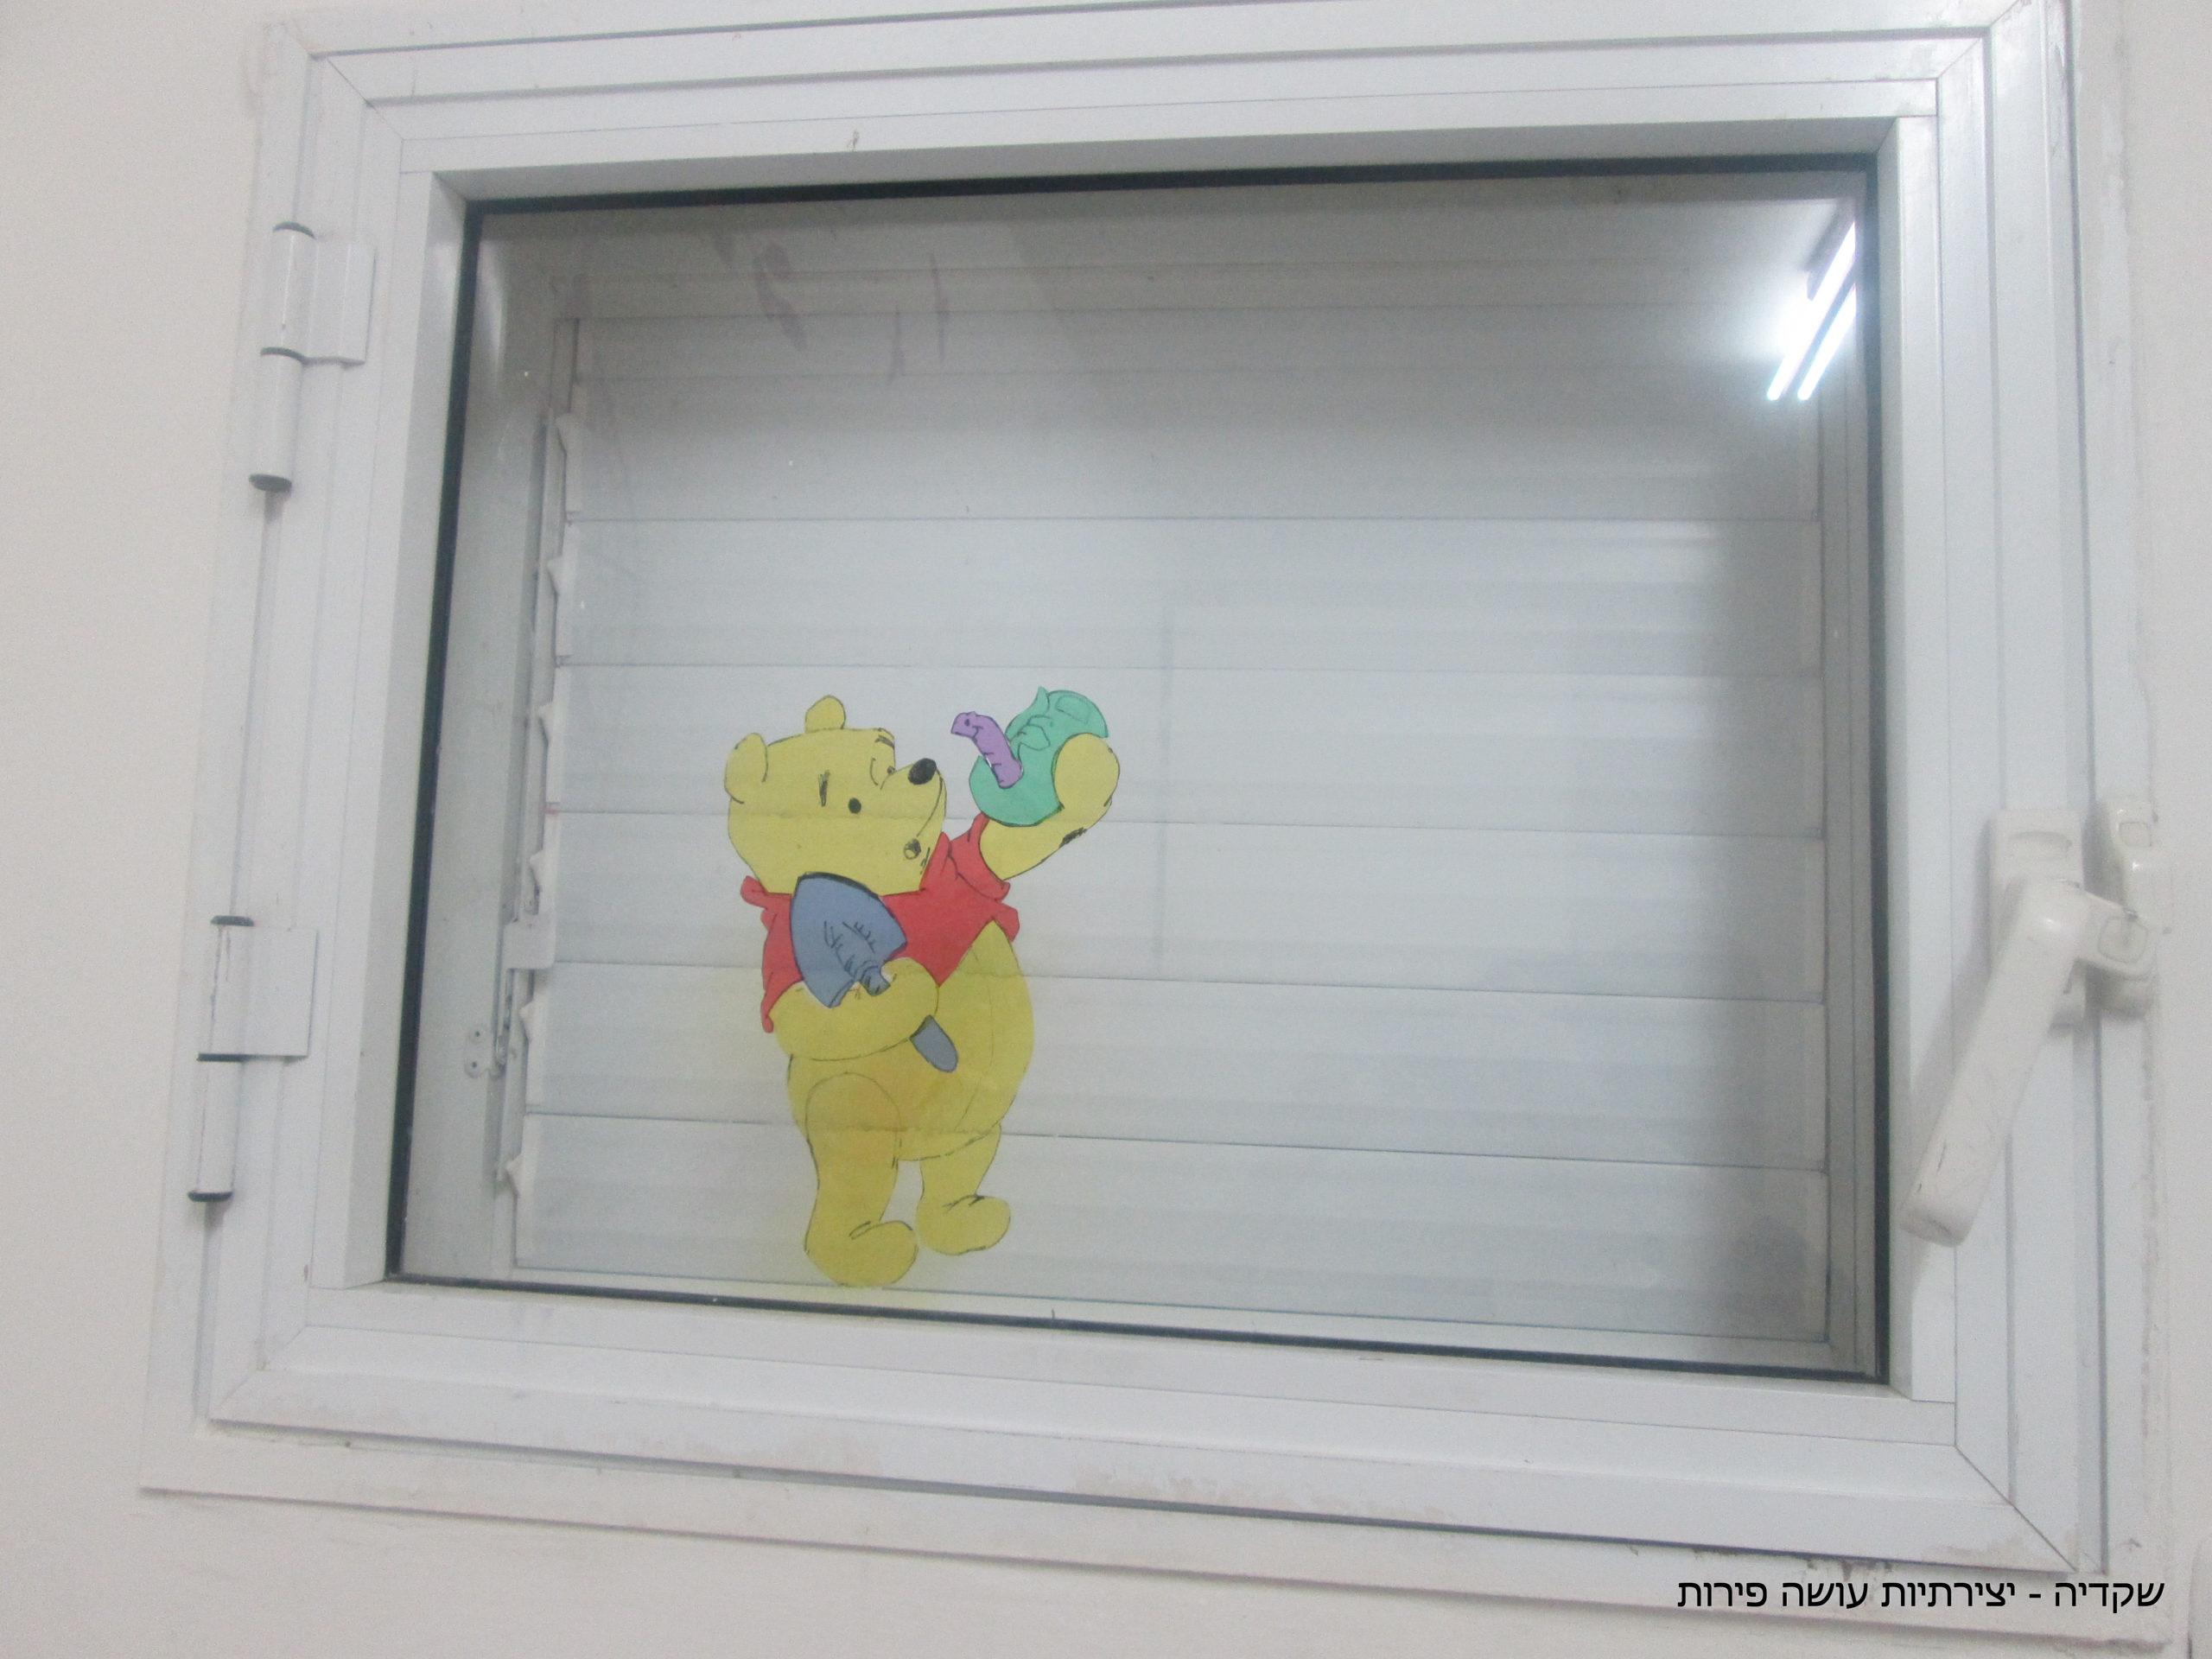 שקדיה - ויטראז לחלון מצלופן